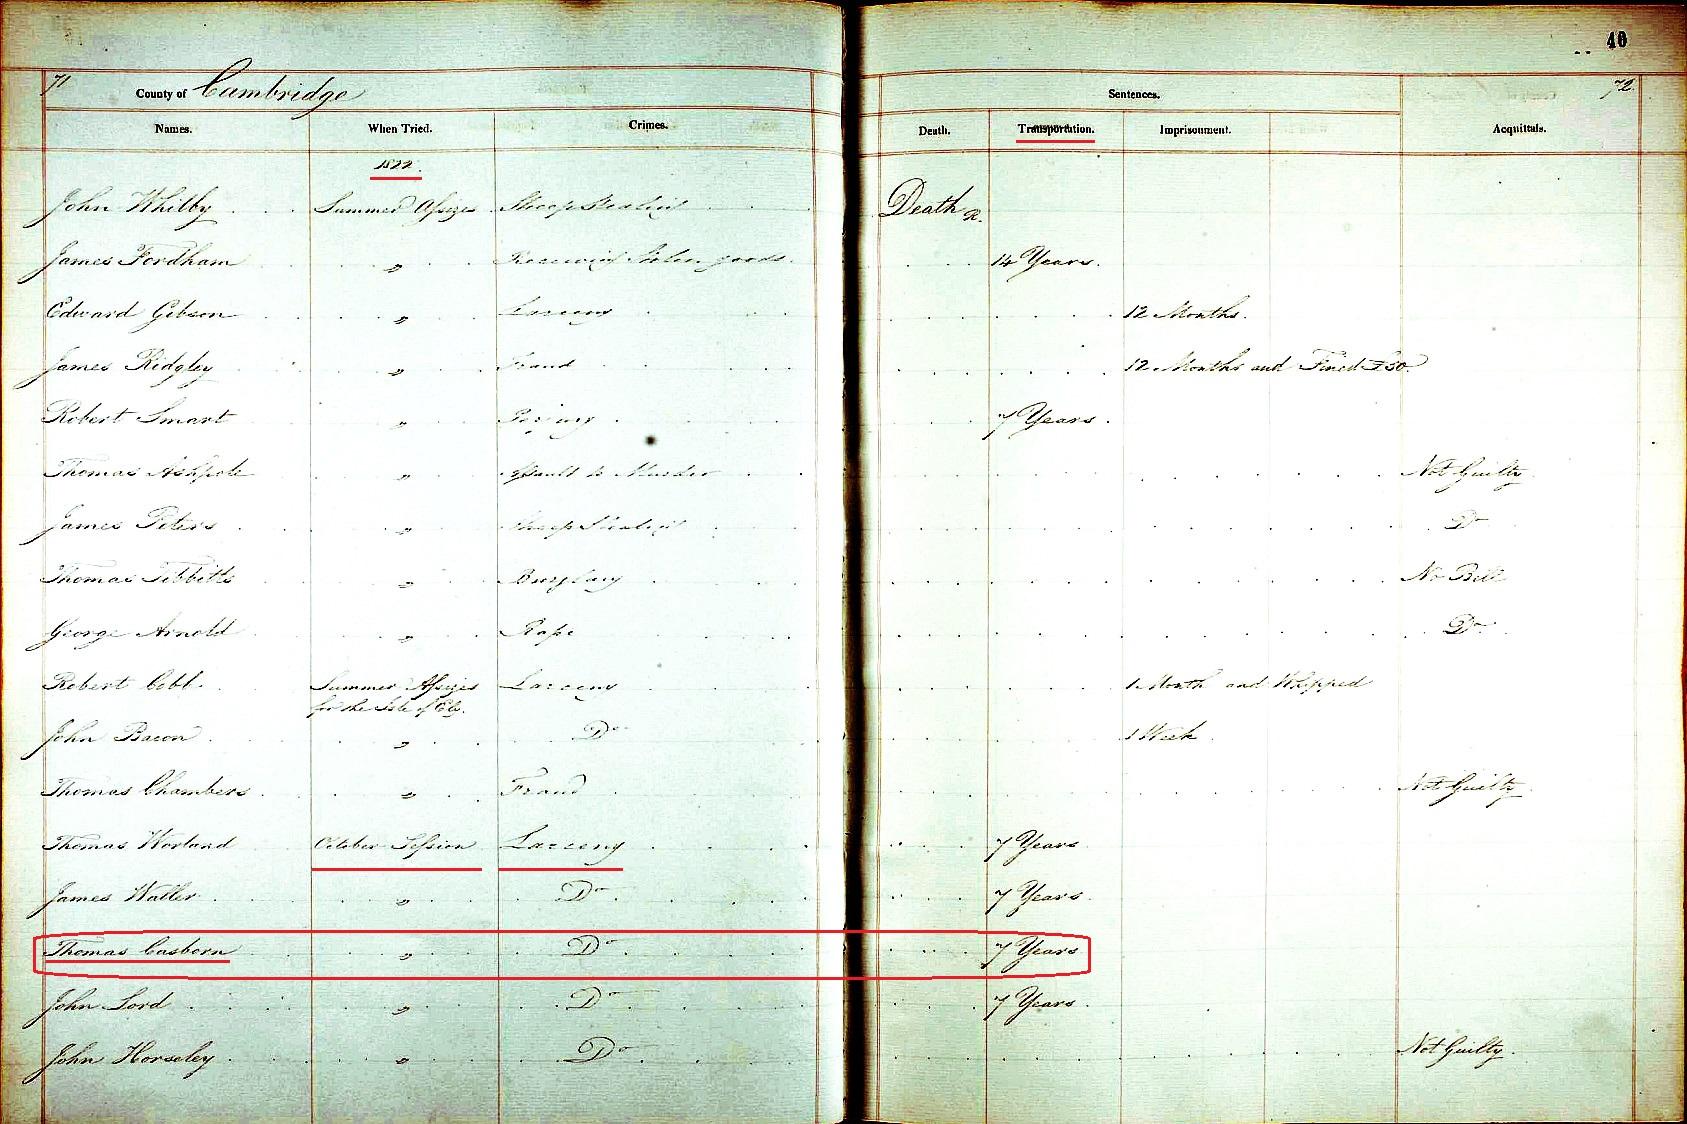 Court proceeding 1822 marked